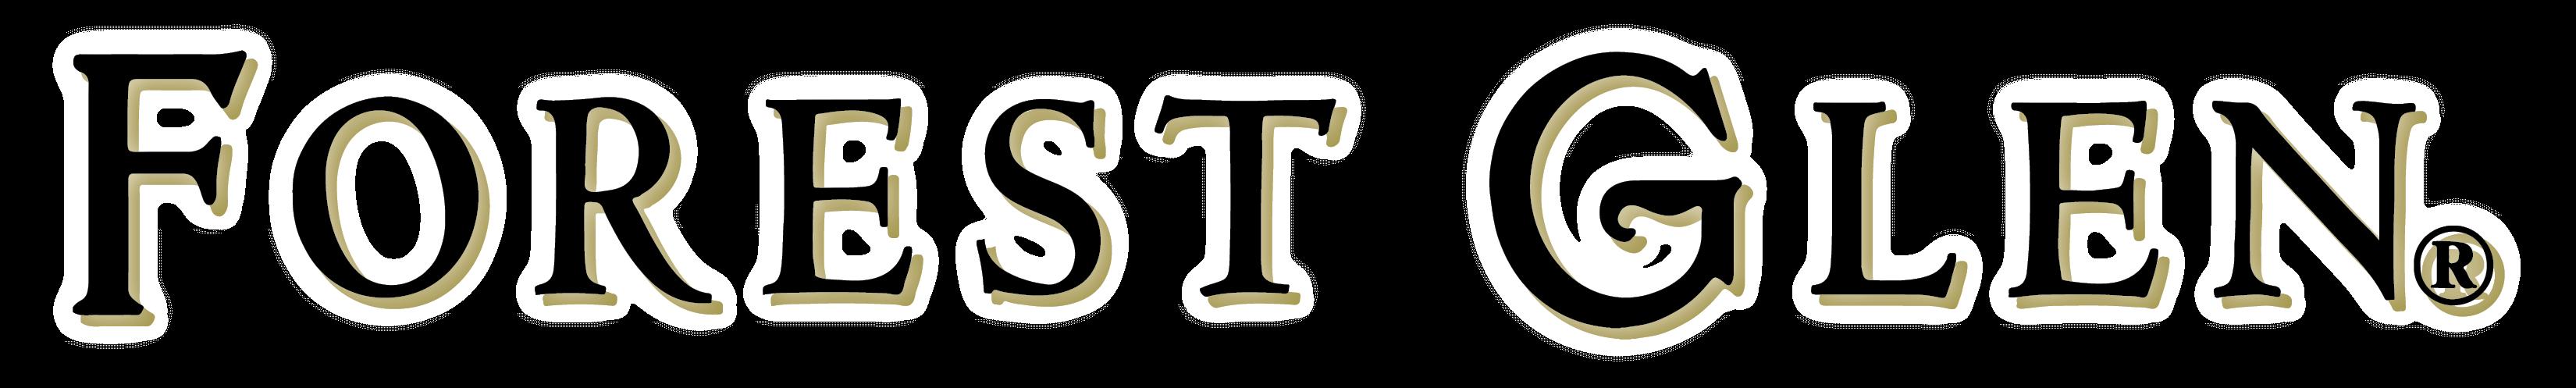 Forest Glen Logos